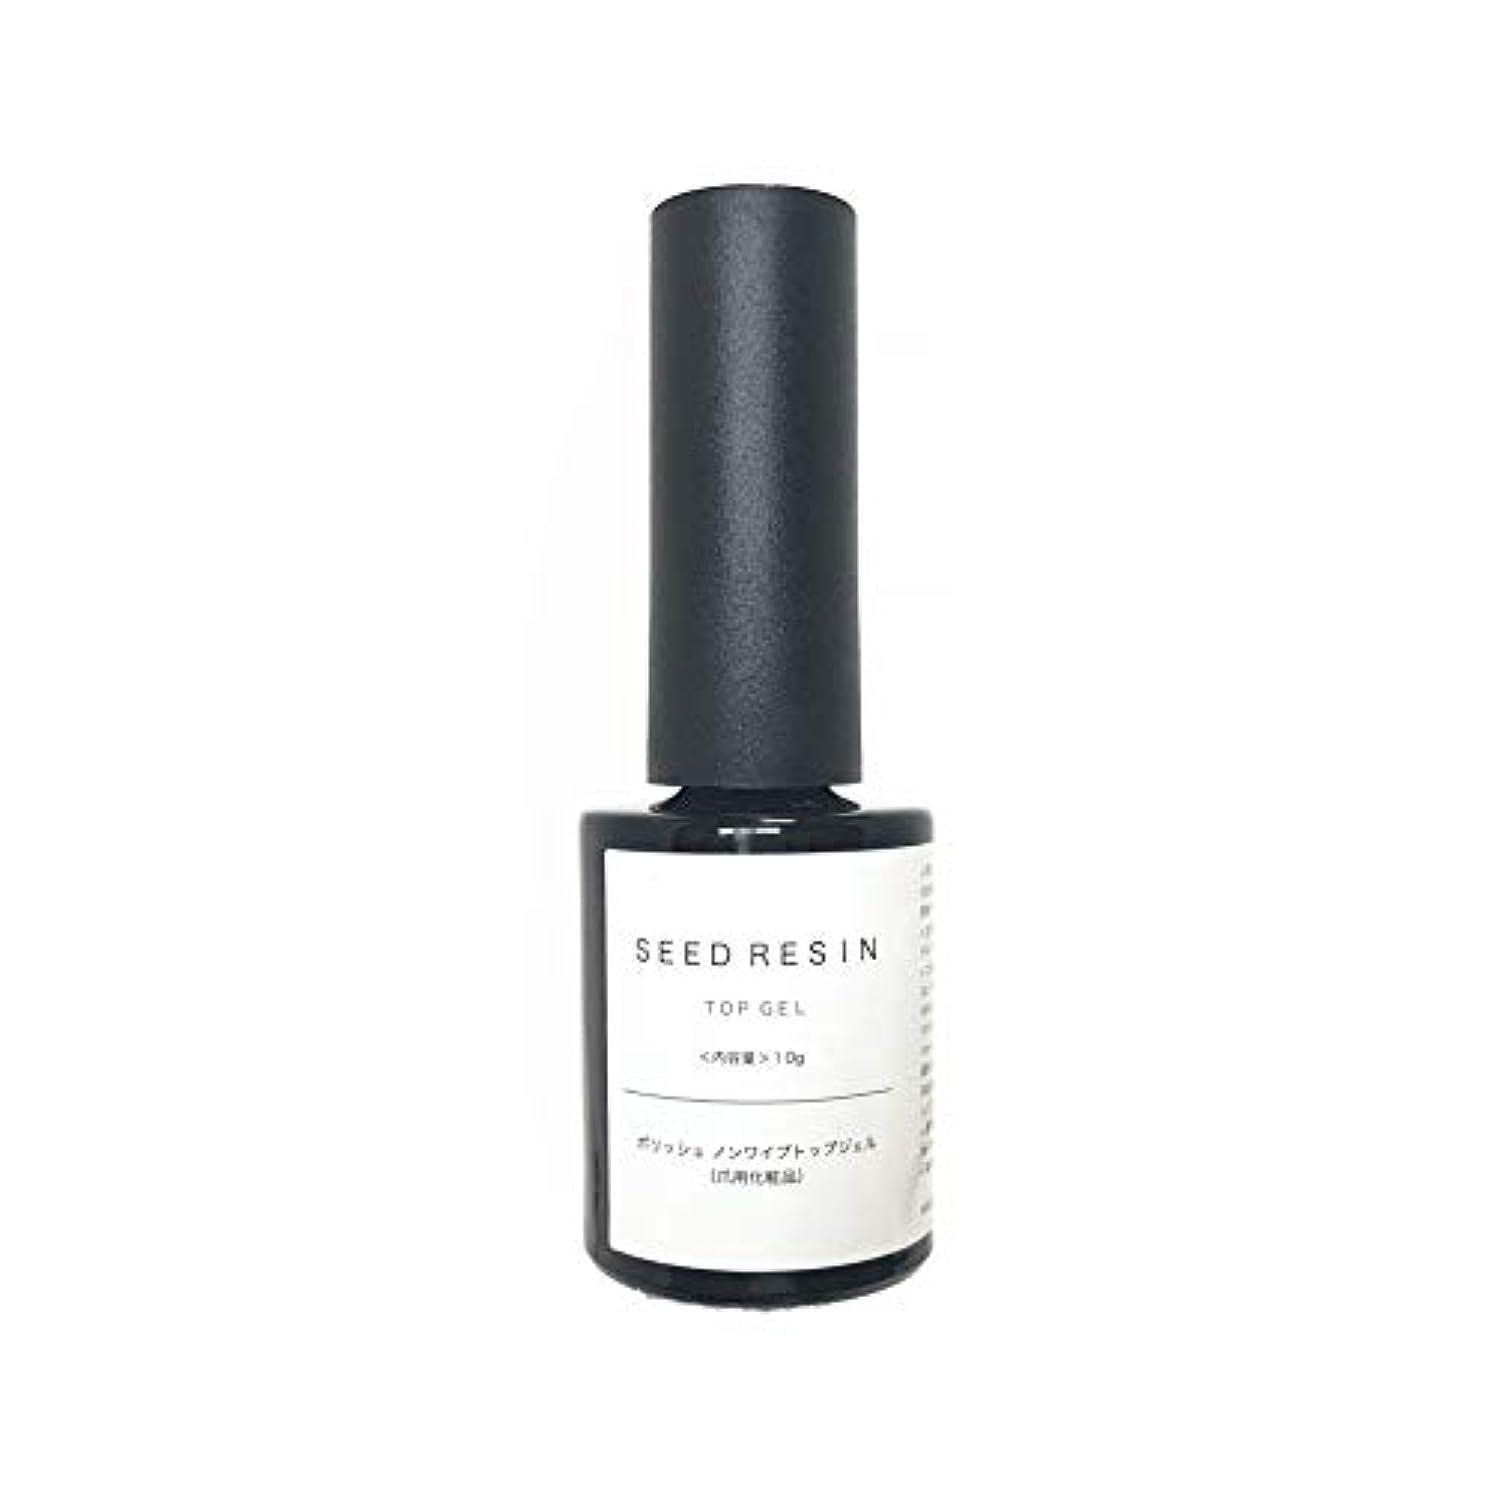 嵐が丘牛流SEED RESIN(シードレジン) ジェルネイル ポリッシュ ノンワイプ トップジェル 10g 爪用化粧品 日本製